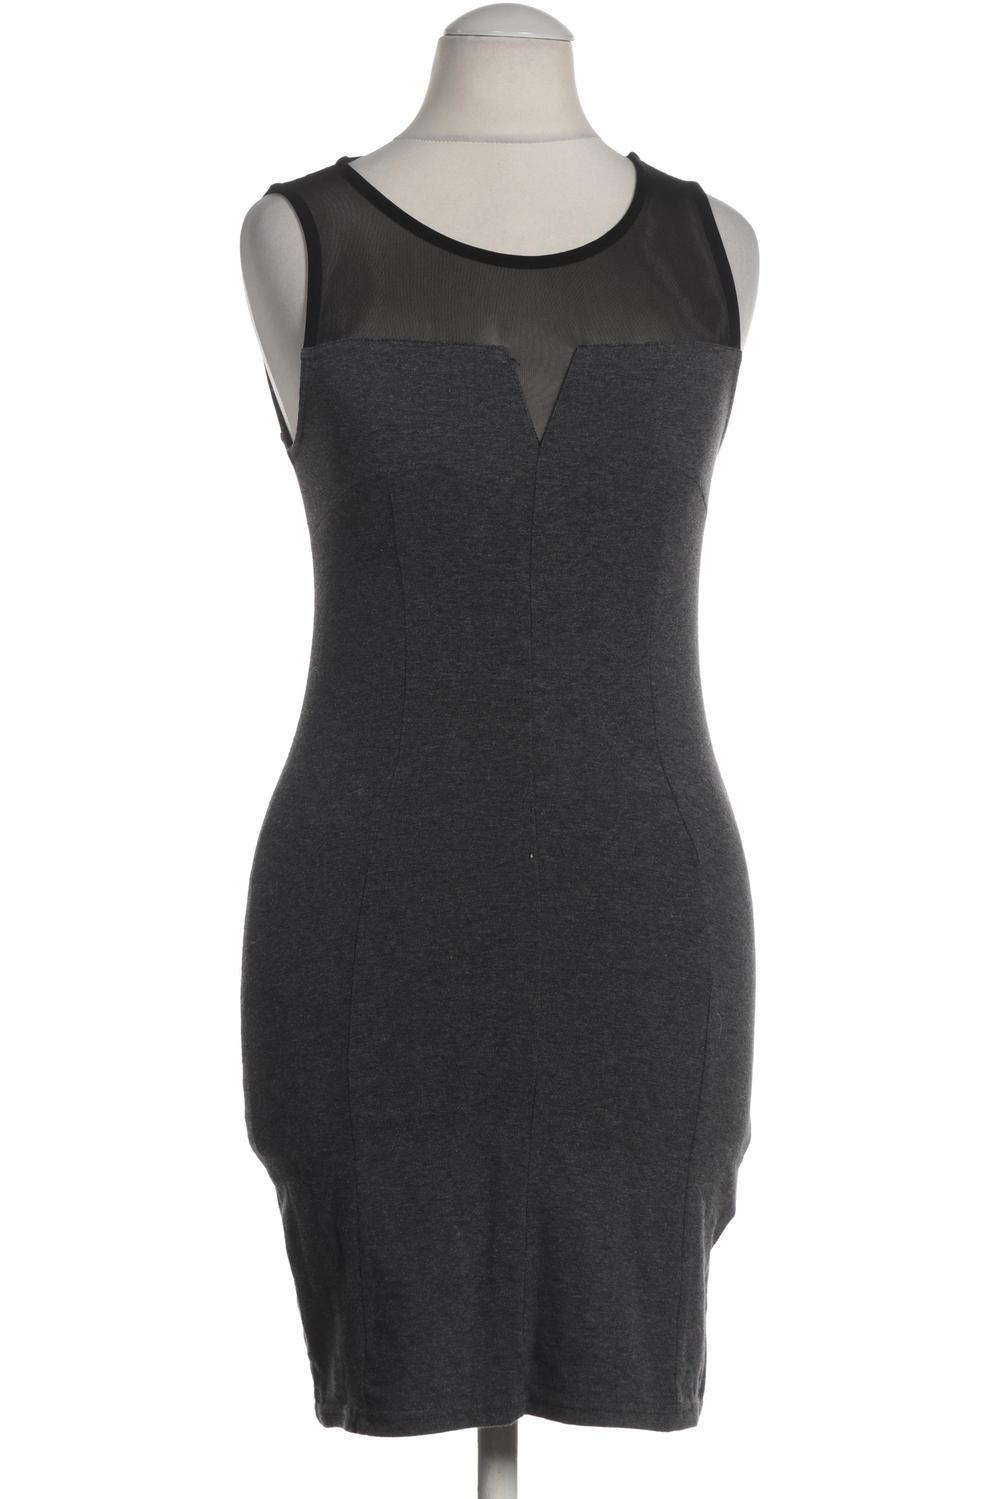 H&M Damen Kleid EUR 34 Second Hand kaufen   ubup